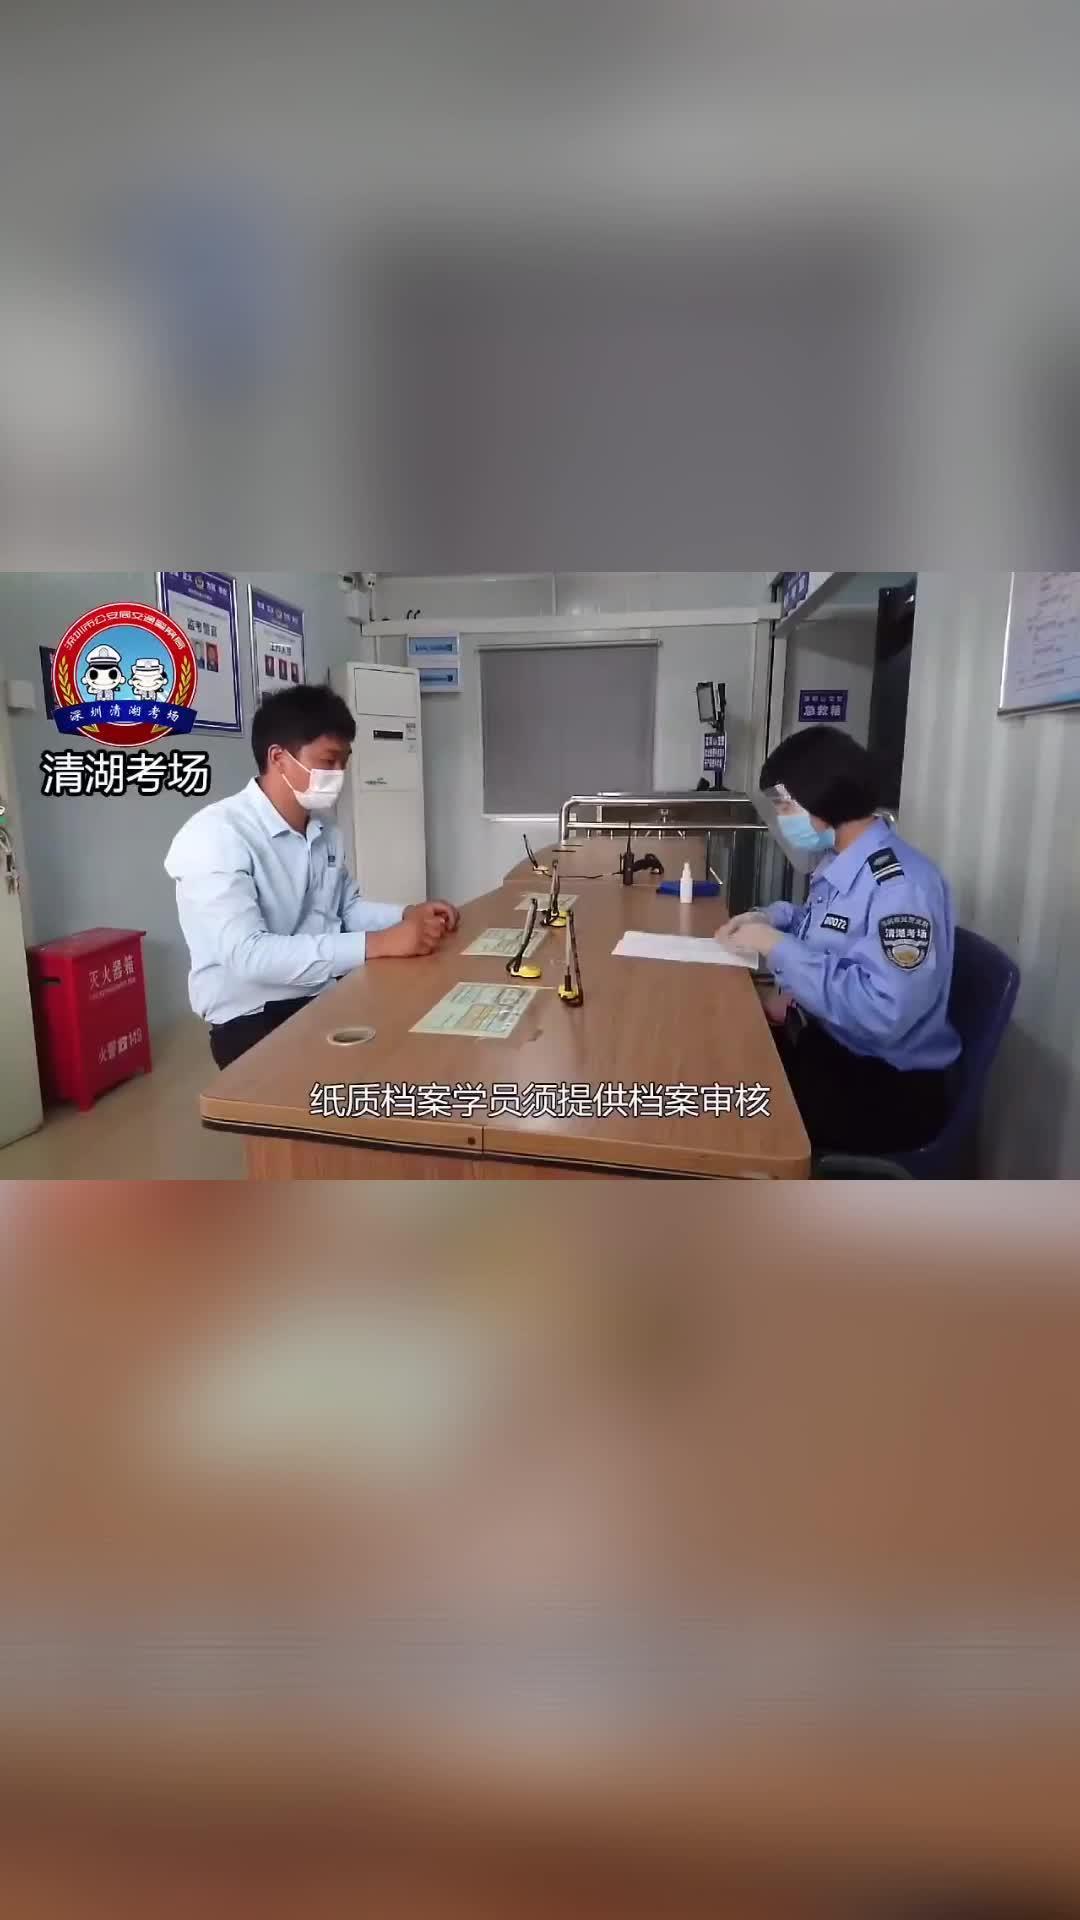 深圳考驾照流程_2020年考驾照全部流程 - 知乎